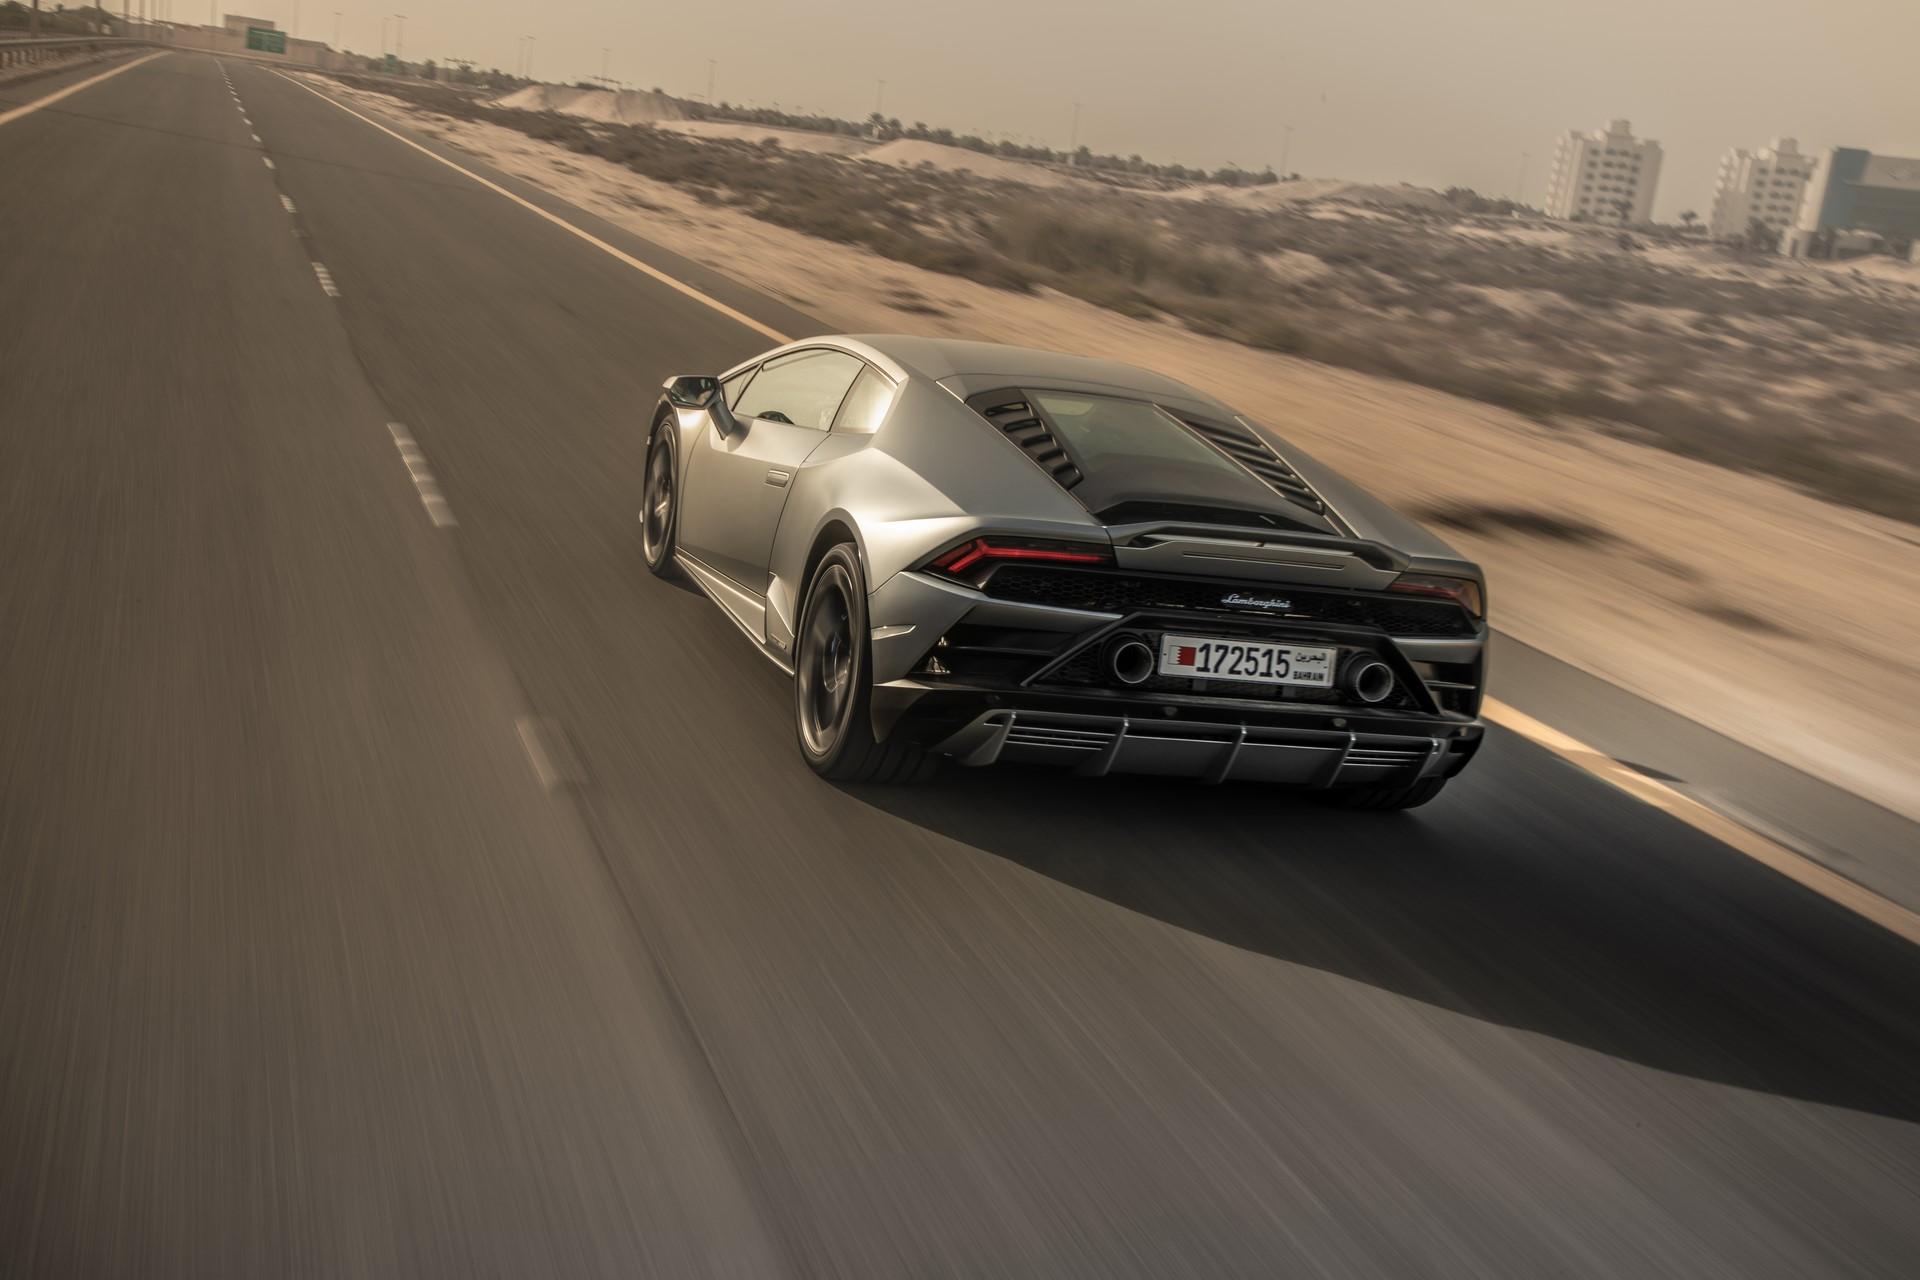 Lamborghini Huracan Evo 2019 (17)